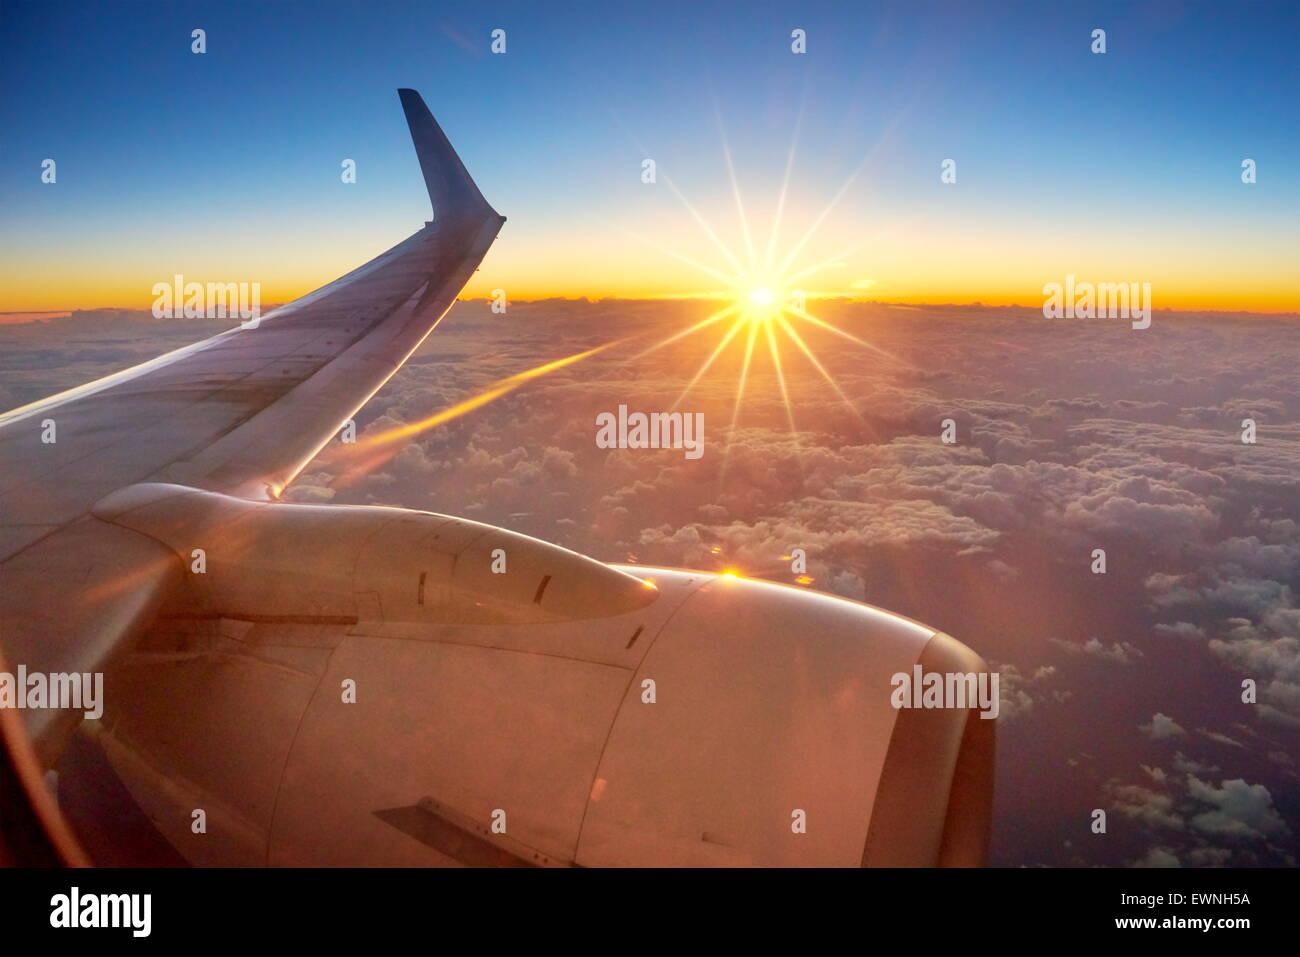 Vue du coucher de soleil à partir de la fenêtre de l'avion Photo Stock